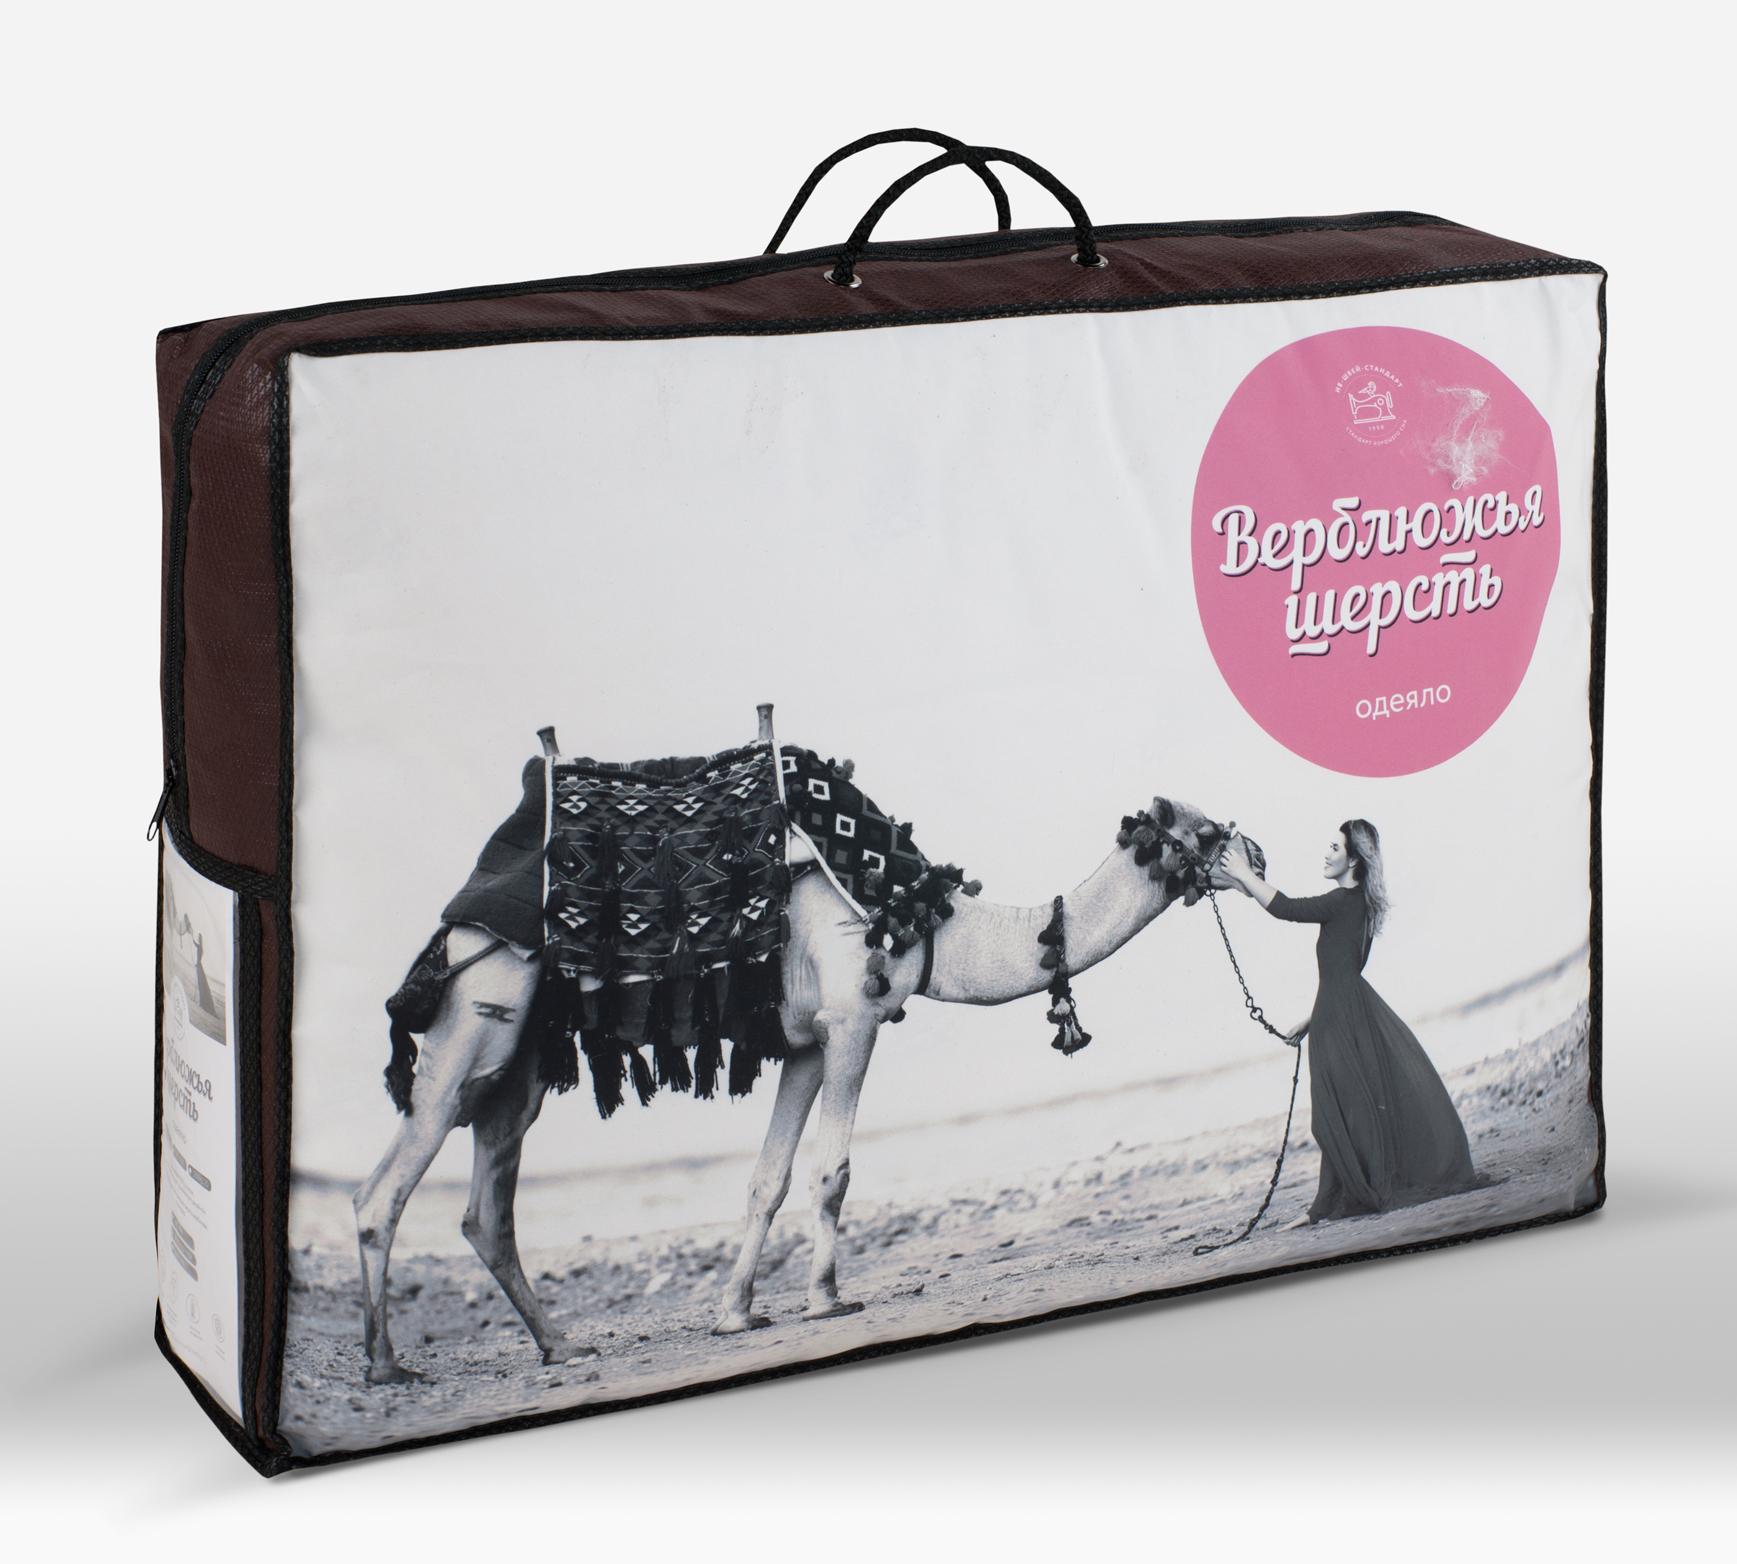 Одеяло ИвШвейСтандарт Верблюжья шерсть 140 х 205 см, бежевый